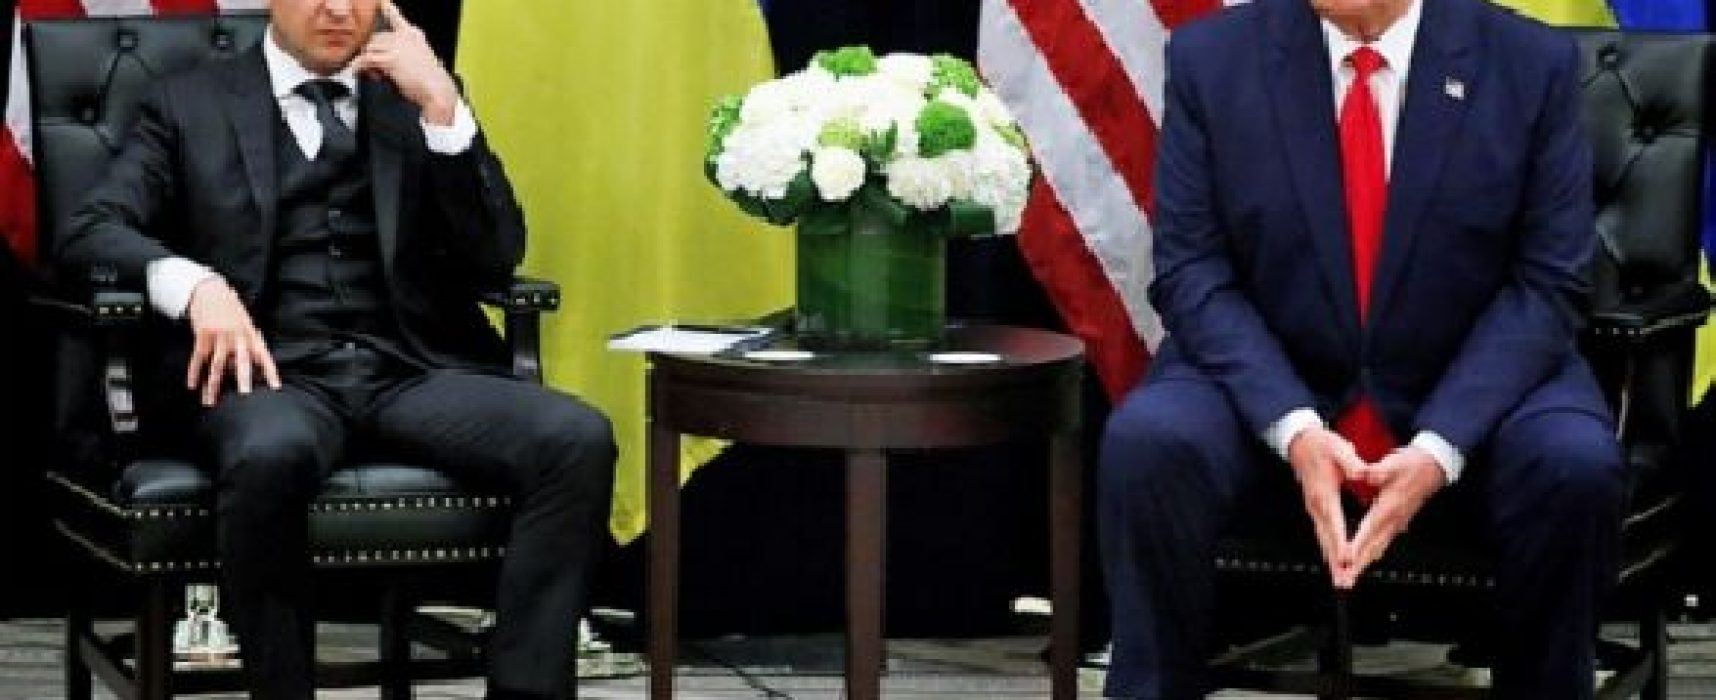 Ябеда и холоп Трампа. Как российские пропагандистские СМИ освещали Ukrainegate